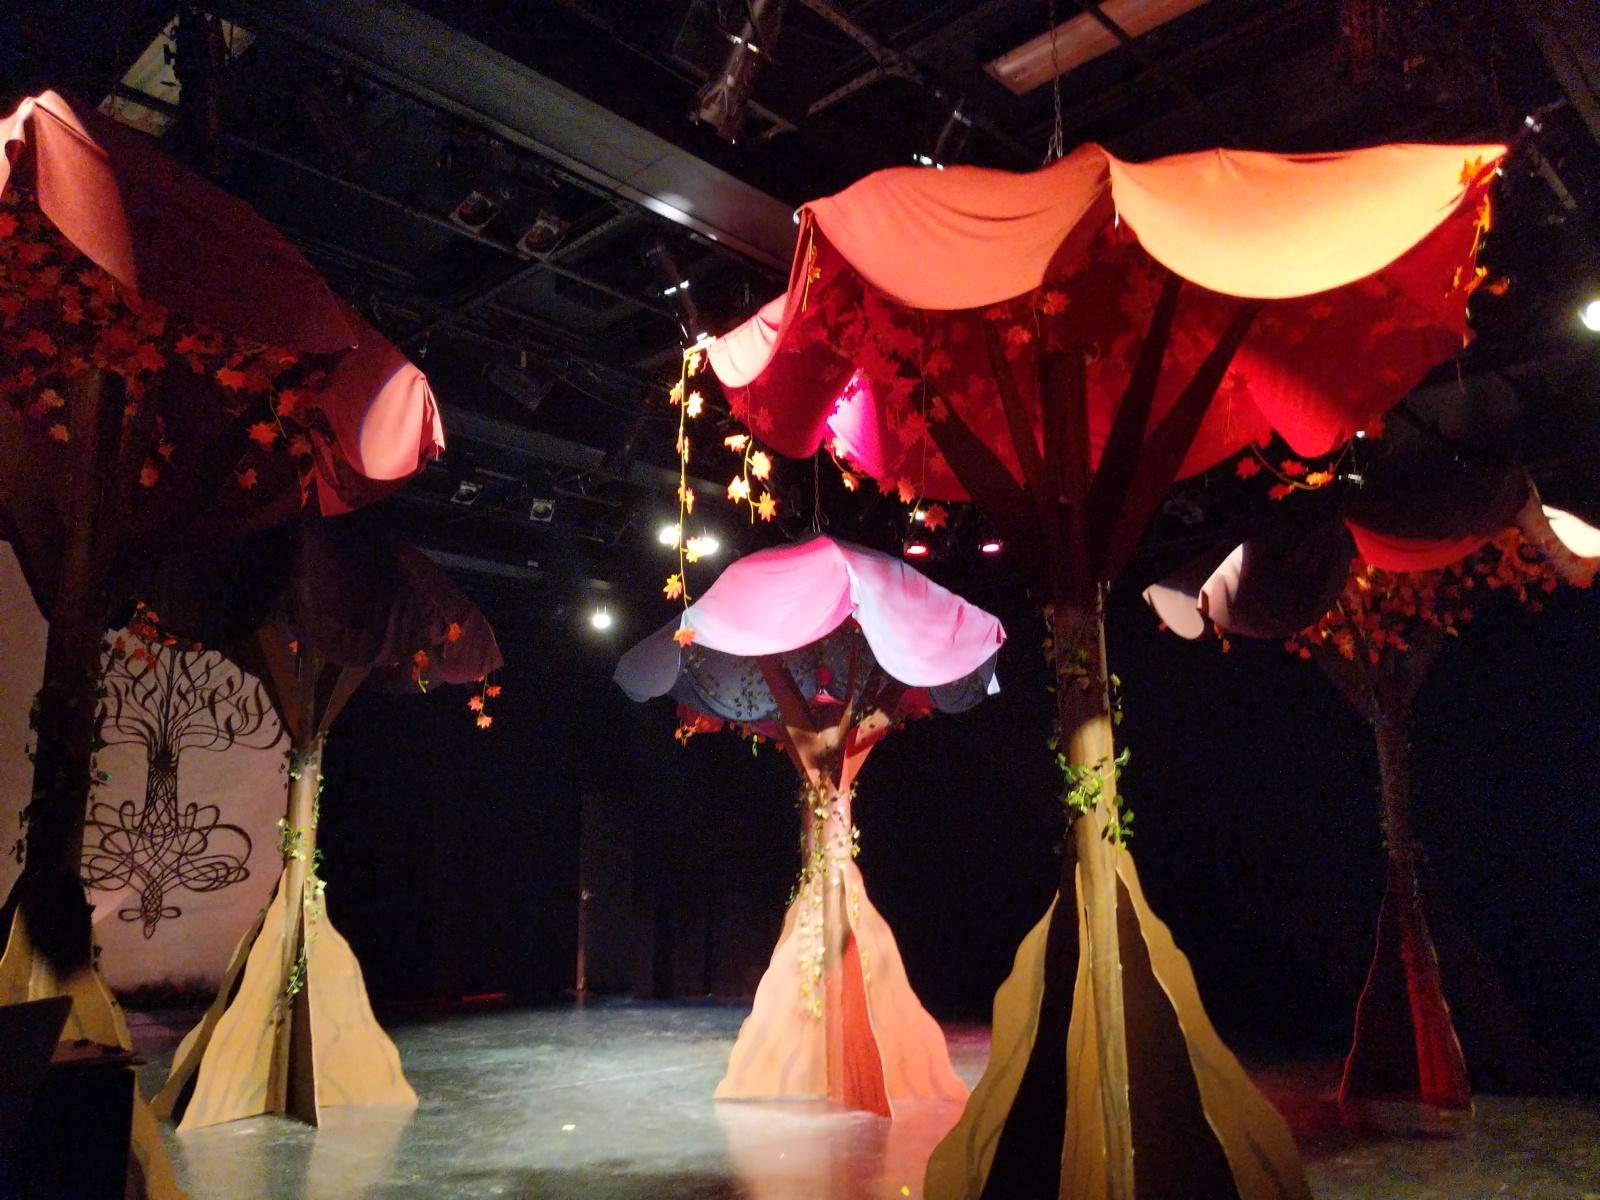 Immersive Theater Design - Stanford University - Palo Alto, CA